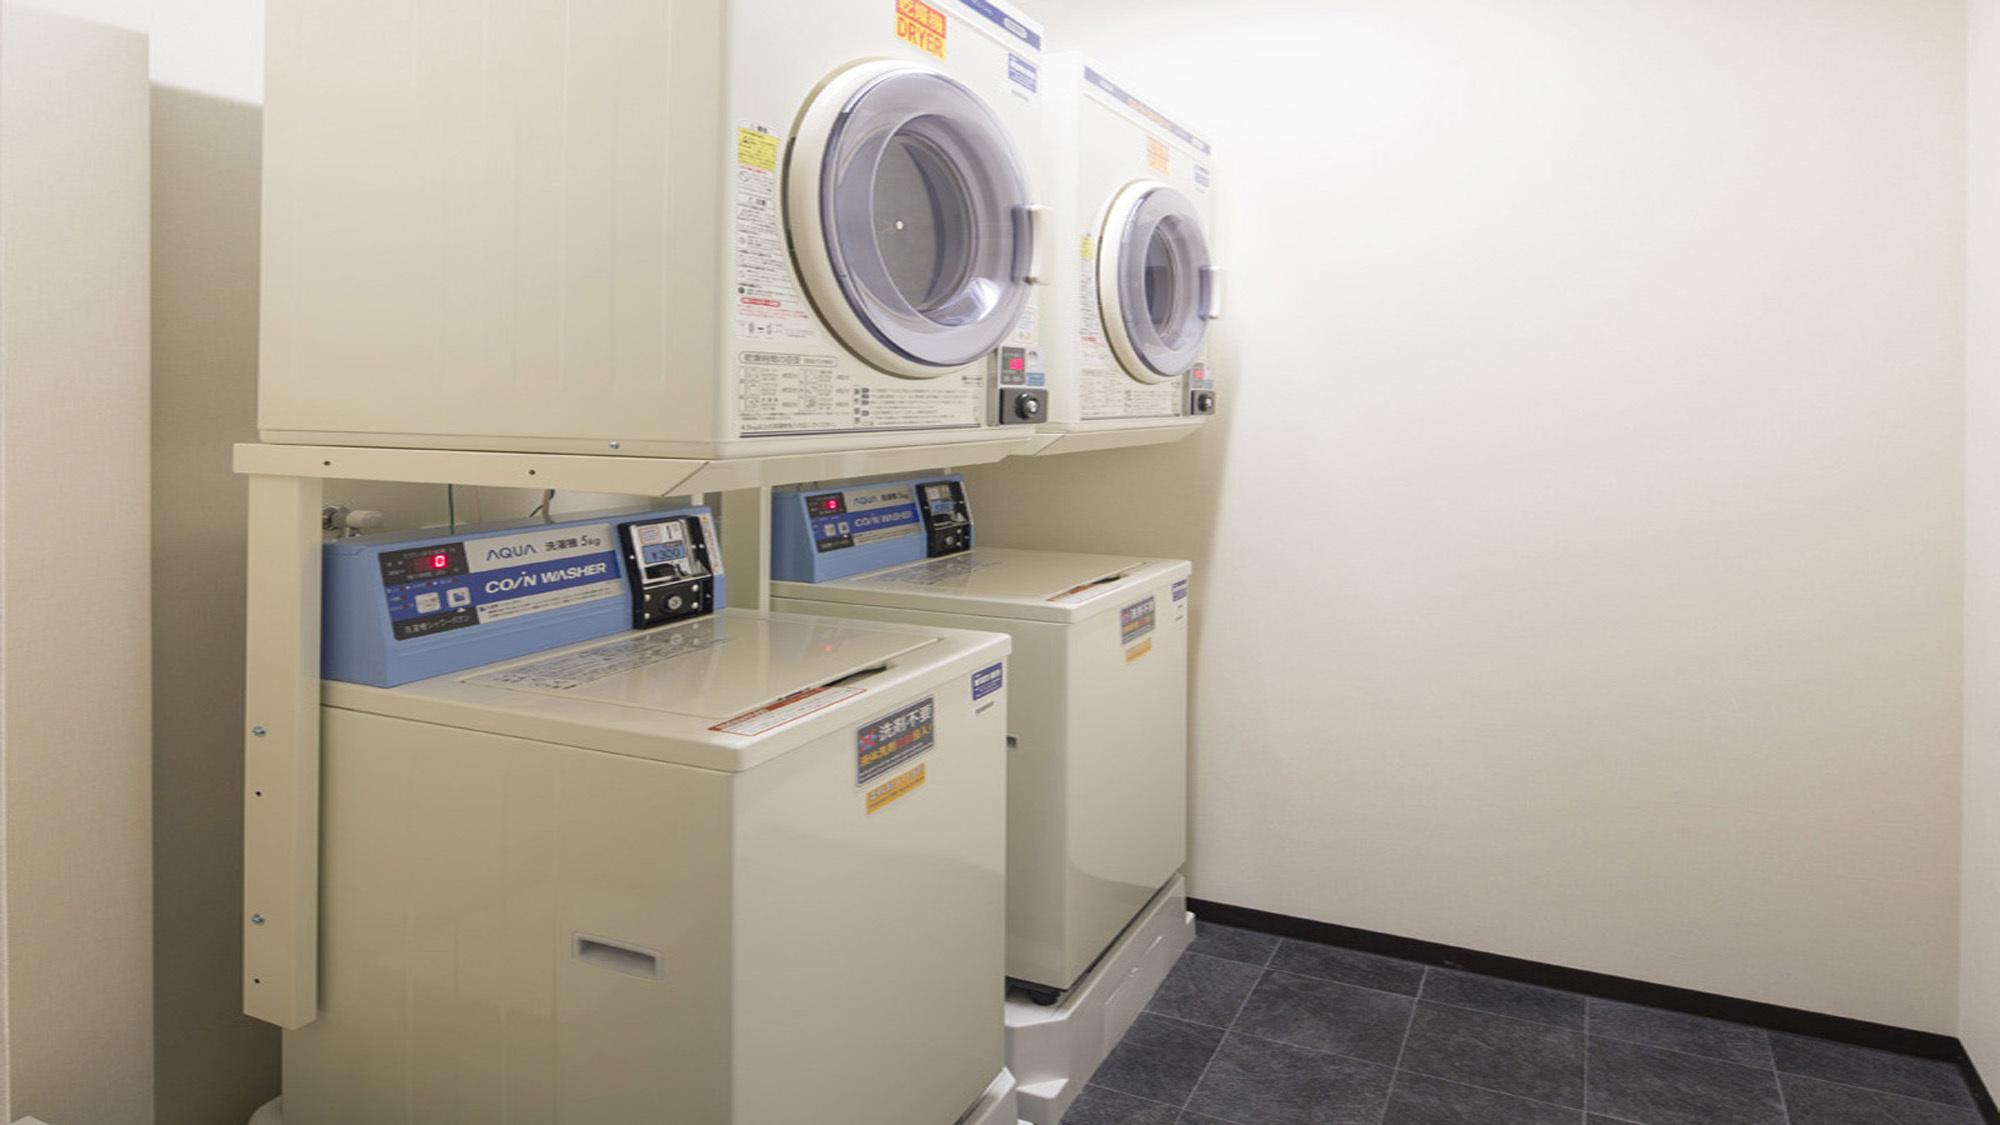 館内コインランドリーを使うことで、持って行く荷物を減らすことができます。洗剤は無料です